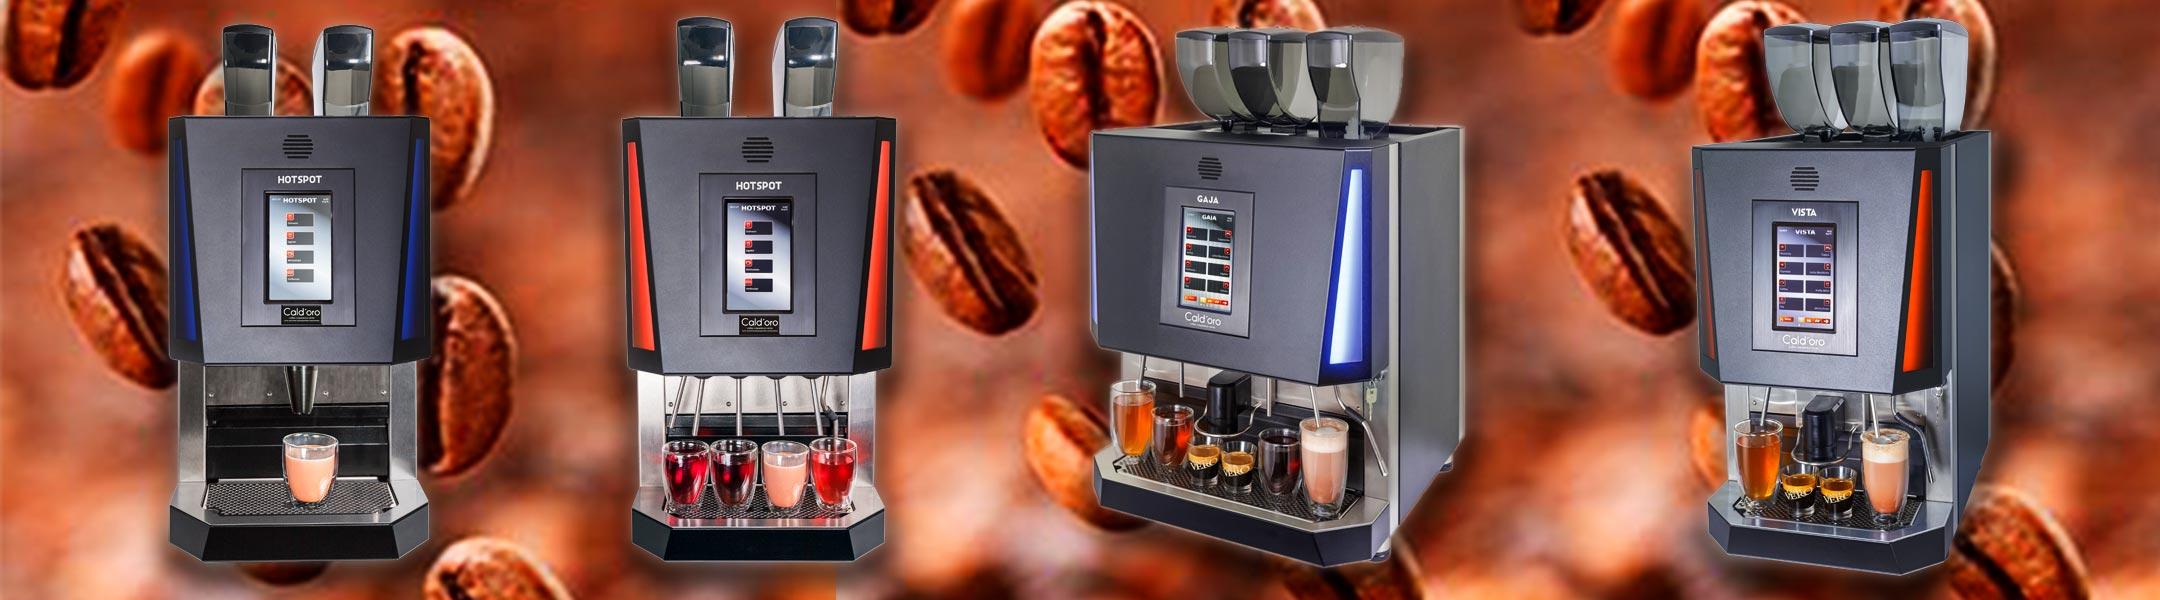 caldo_kaffee_genuss_1251